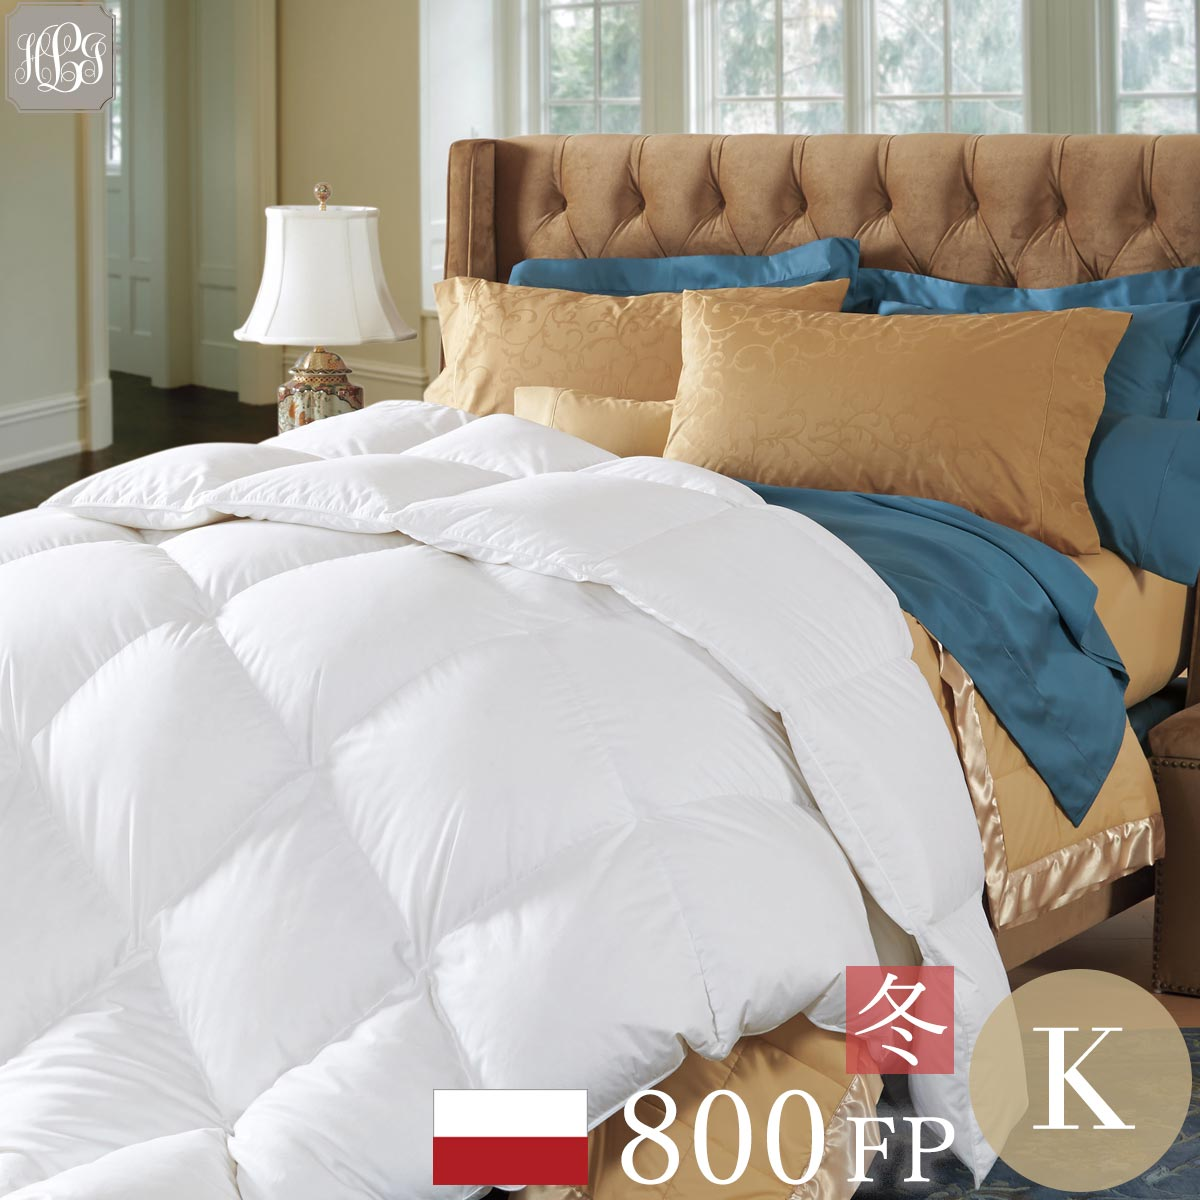 冬用 キング 230cmx210cm 羽毛布団 800フィルパワーポーランド産ホワイトマザーグースダウン ダウンブランケット 送料無料